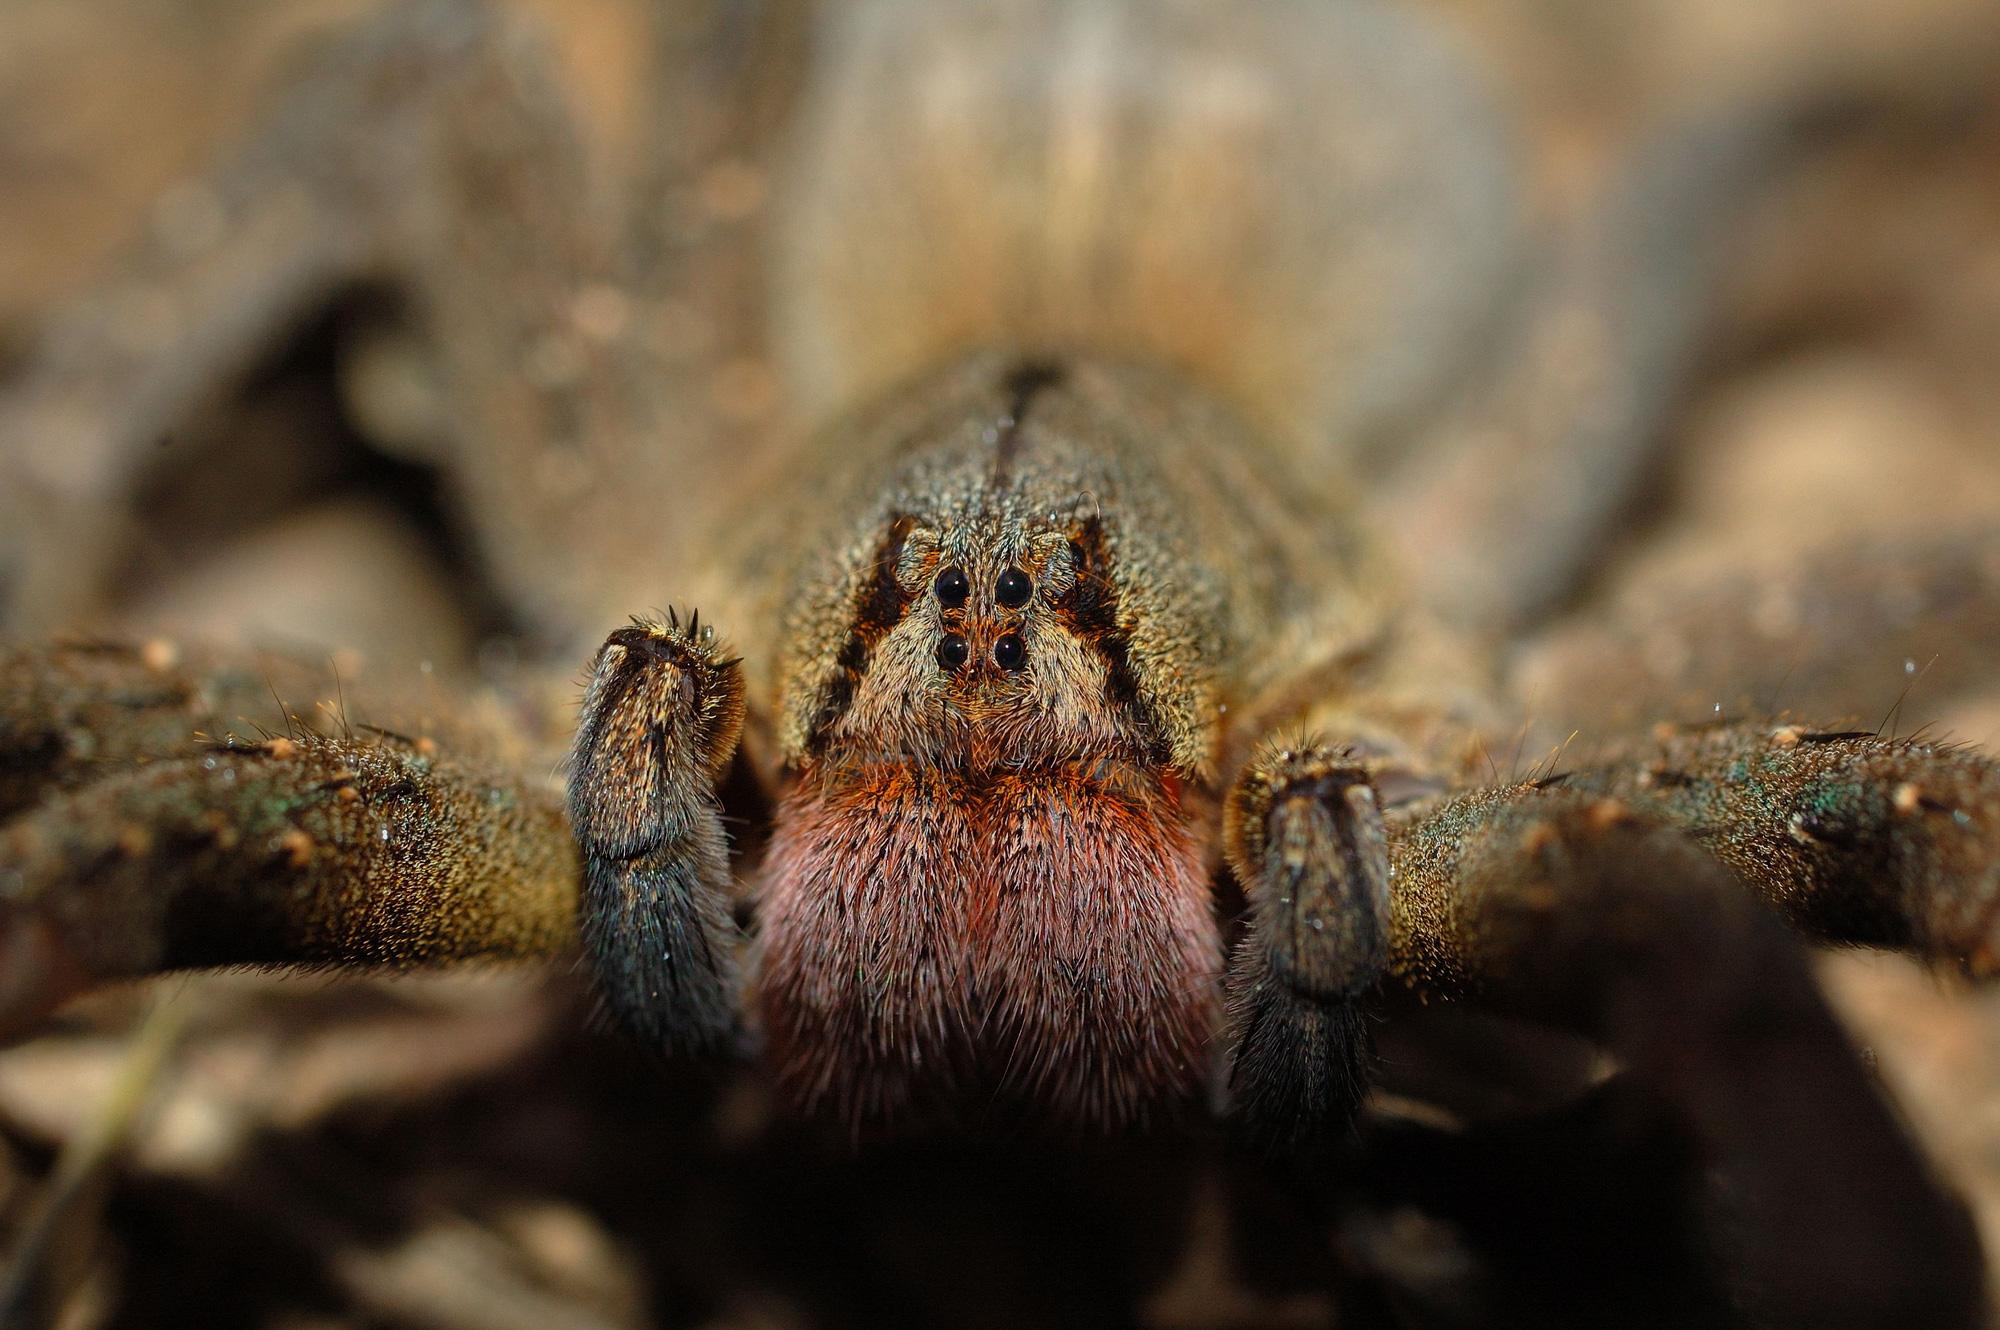 Cận cảnh loài nhện độc nhất thế giới có thể hạ gục người chỉ trong một vết cắn - Ảnh 4.